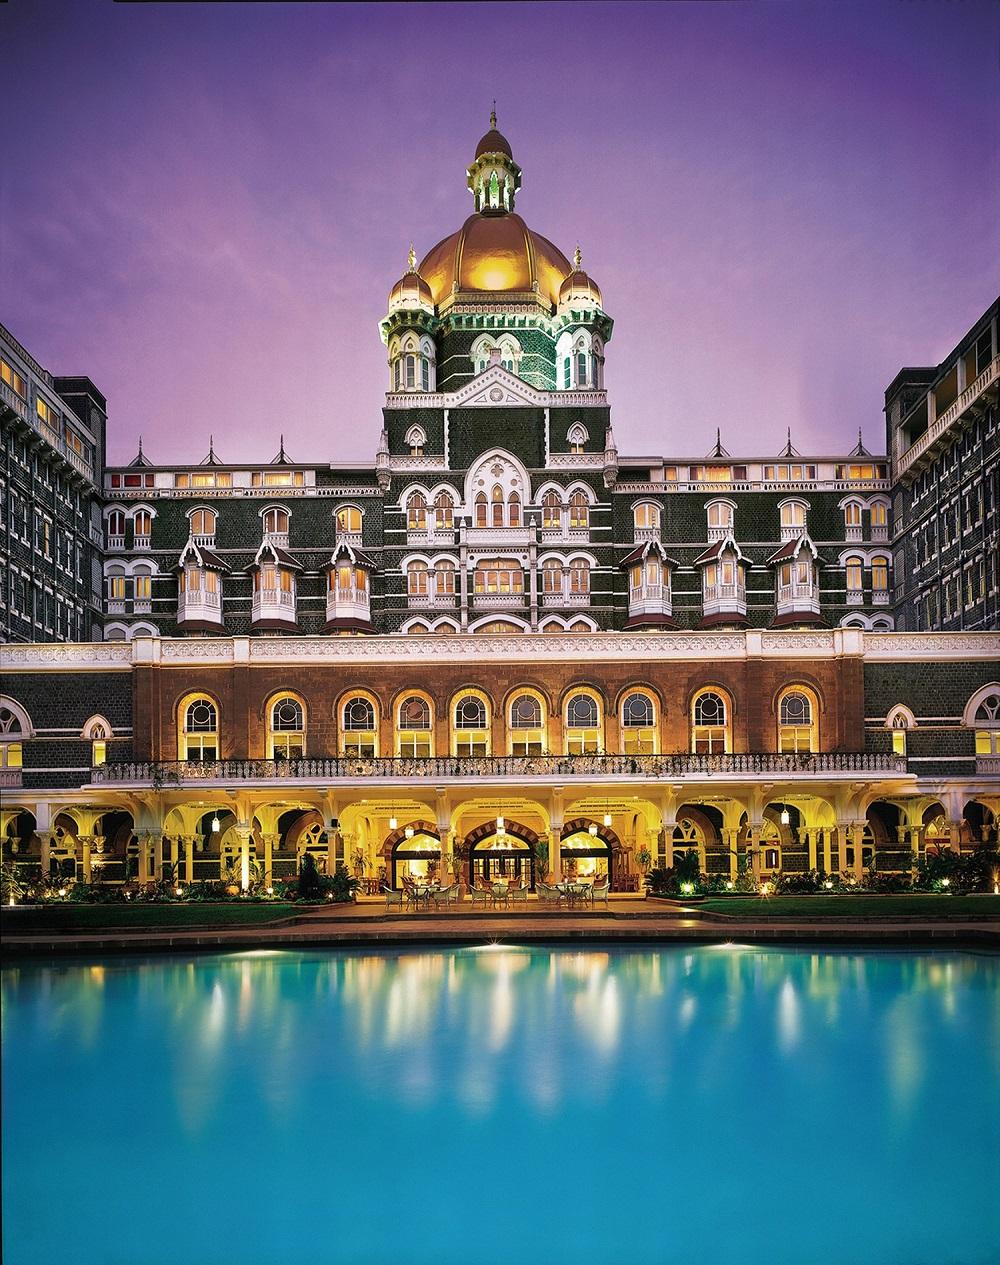 بالصور افضل فندق في العالم , فنادق سياحيه فخمه حول العالم 2420 11